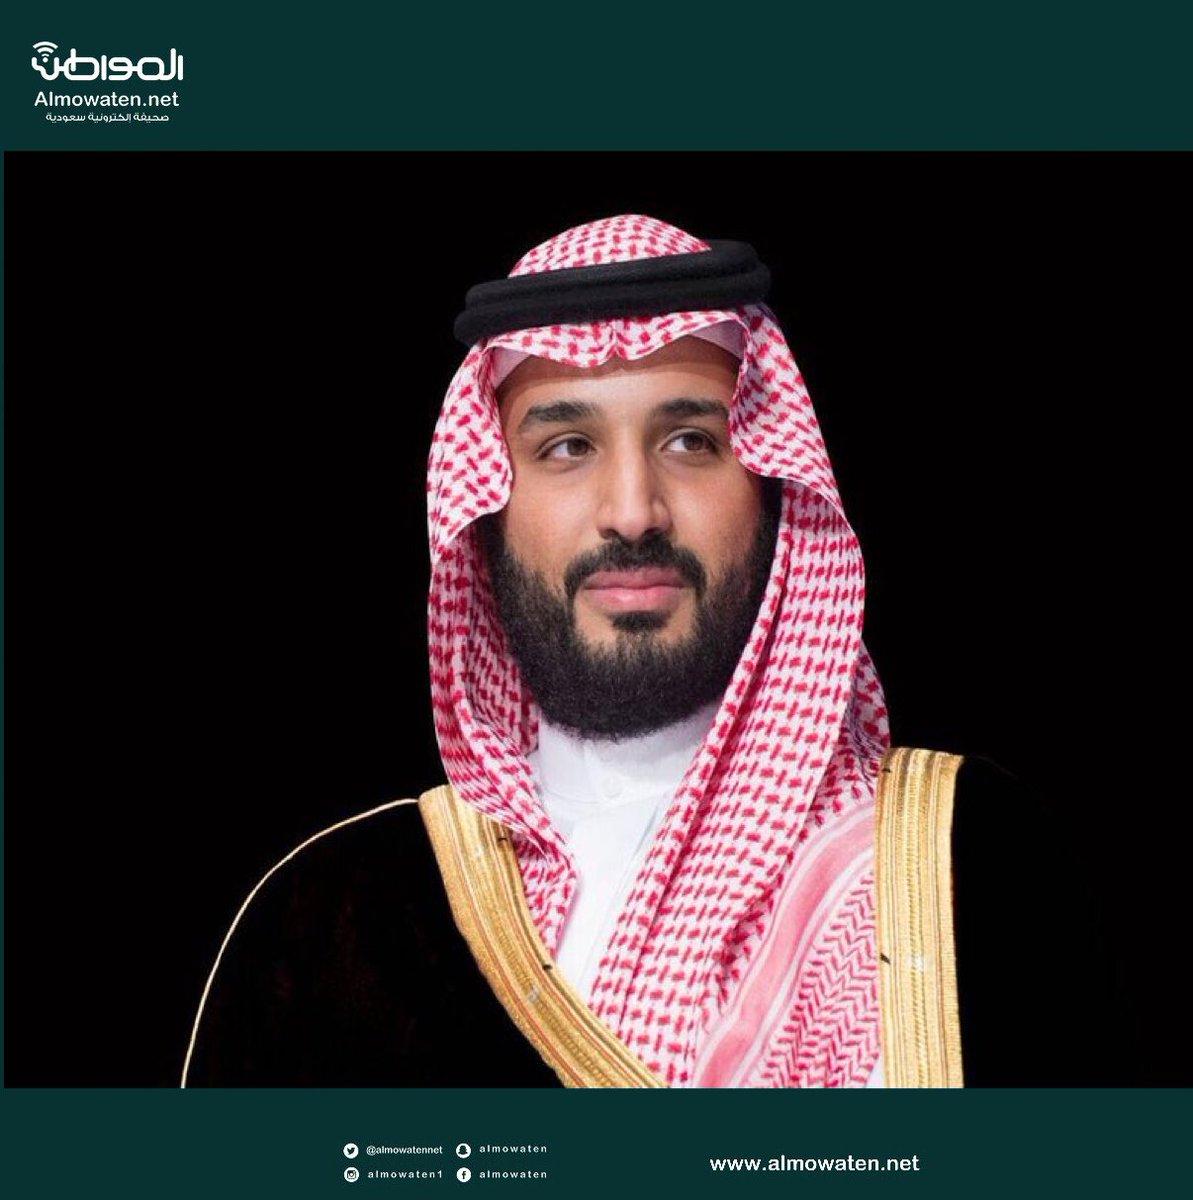 الأمير محمد بن سلمان يدعم ترميم مباني جدة التاريخية بـ 50 مليون ريال